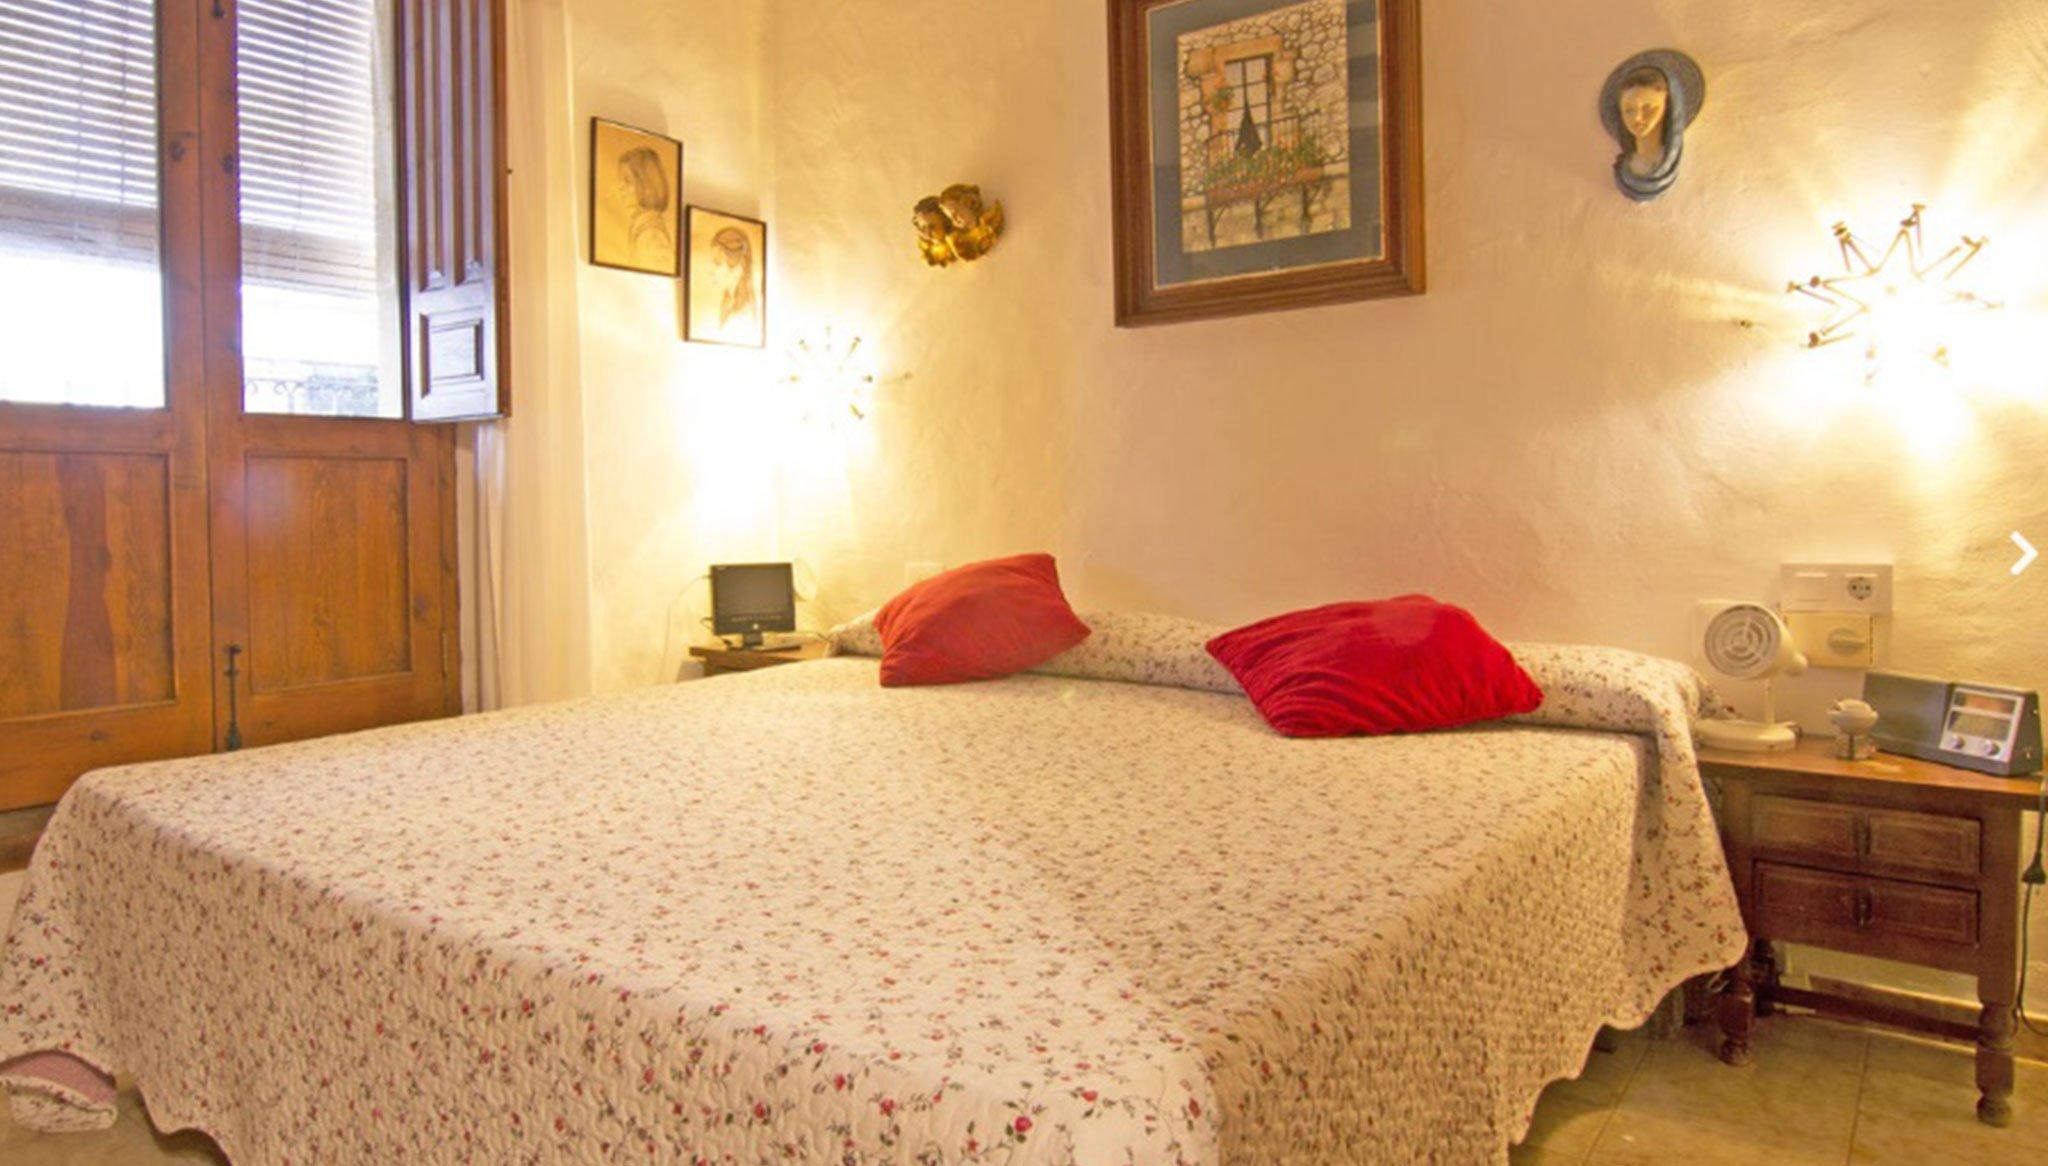 Habitació d'una casa de poble en venda a Xàbia - MORAGUESPONS Mediterranean Houses